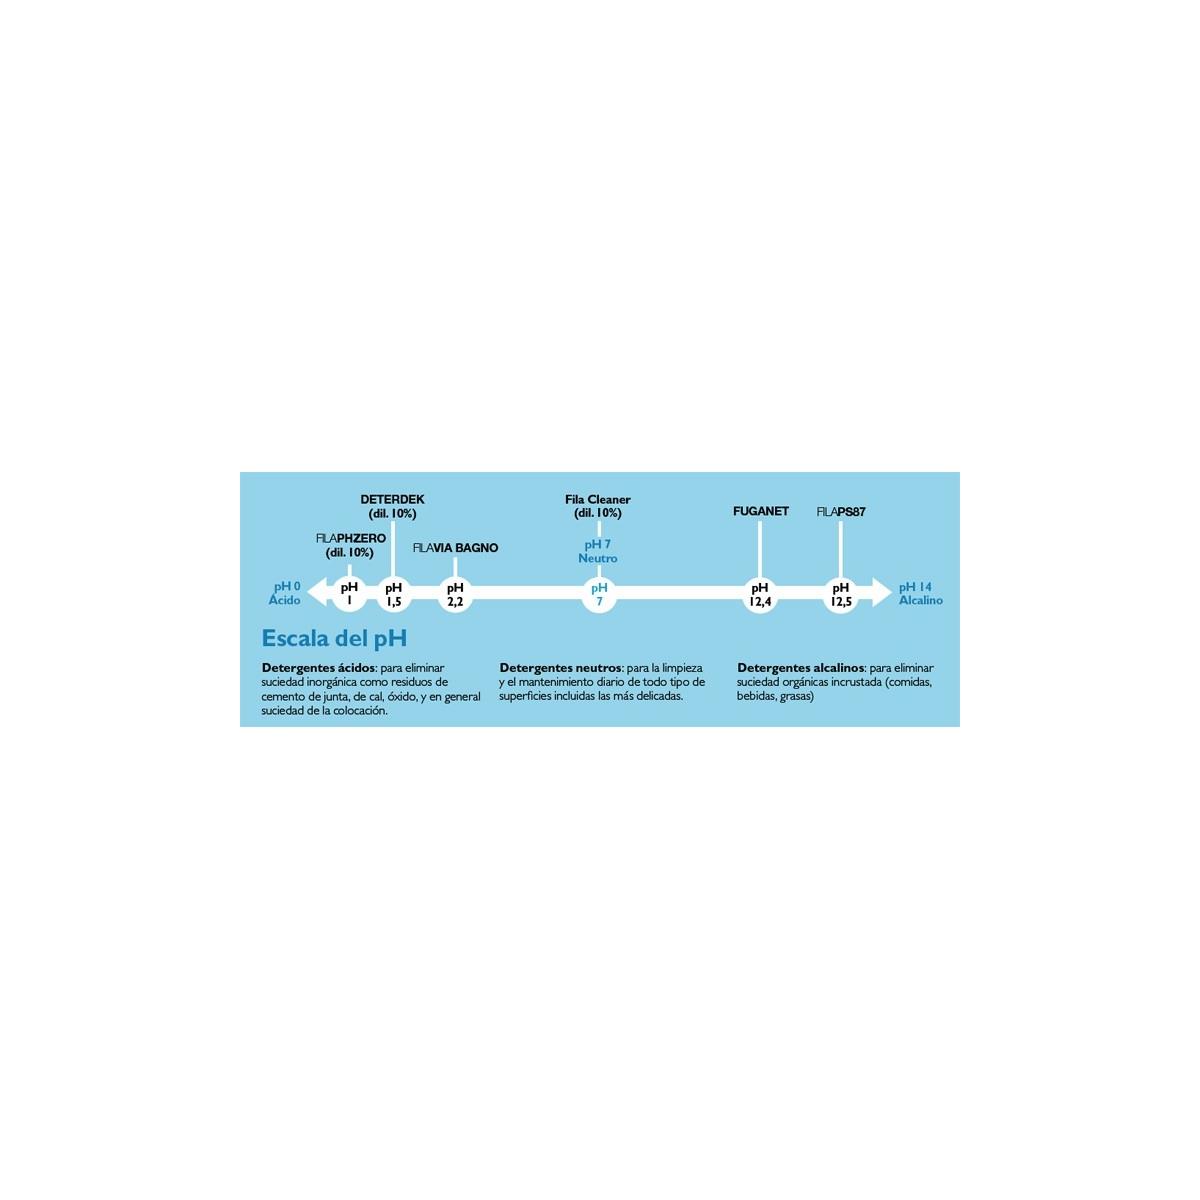 Cleaner Pro - Detergente neutro para suelos y paredes Universal